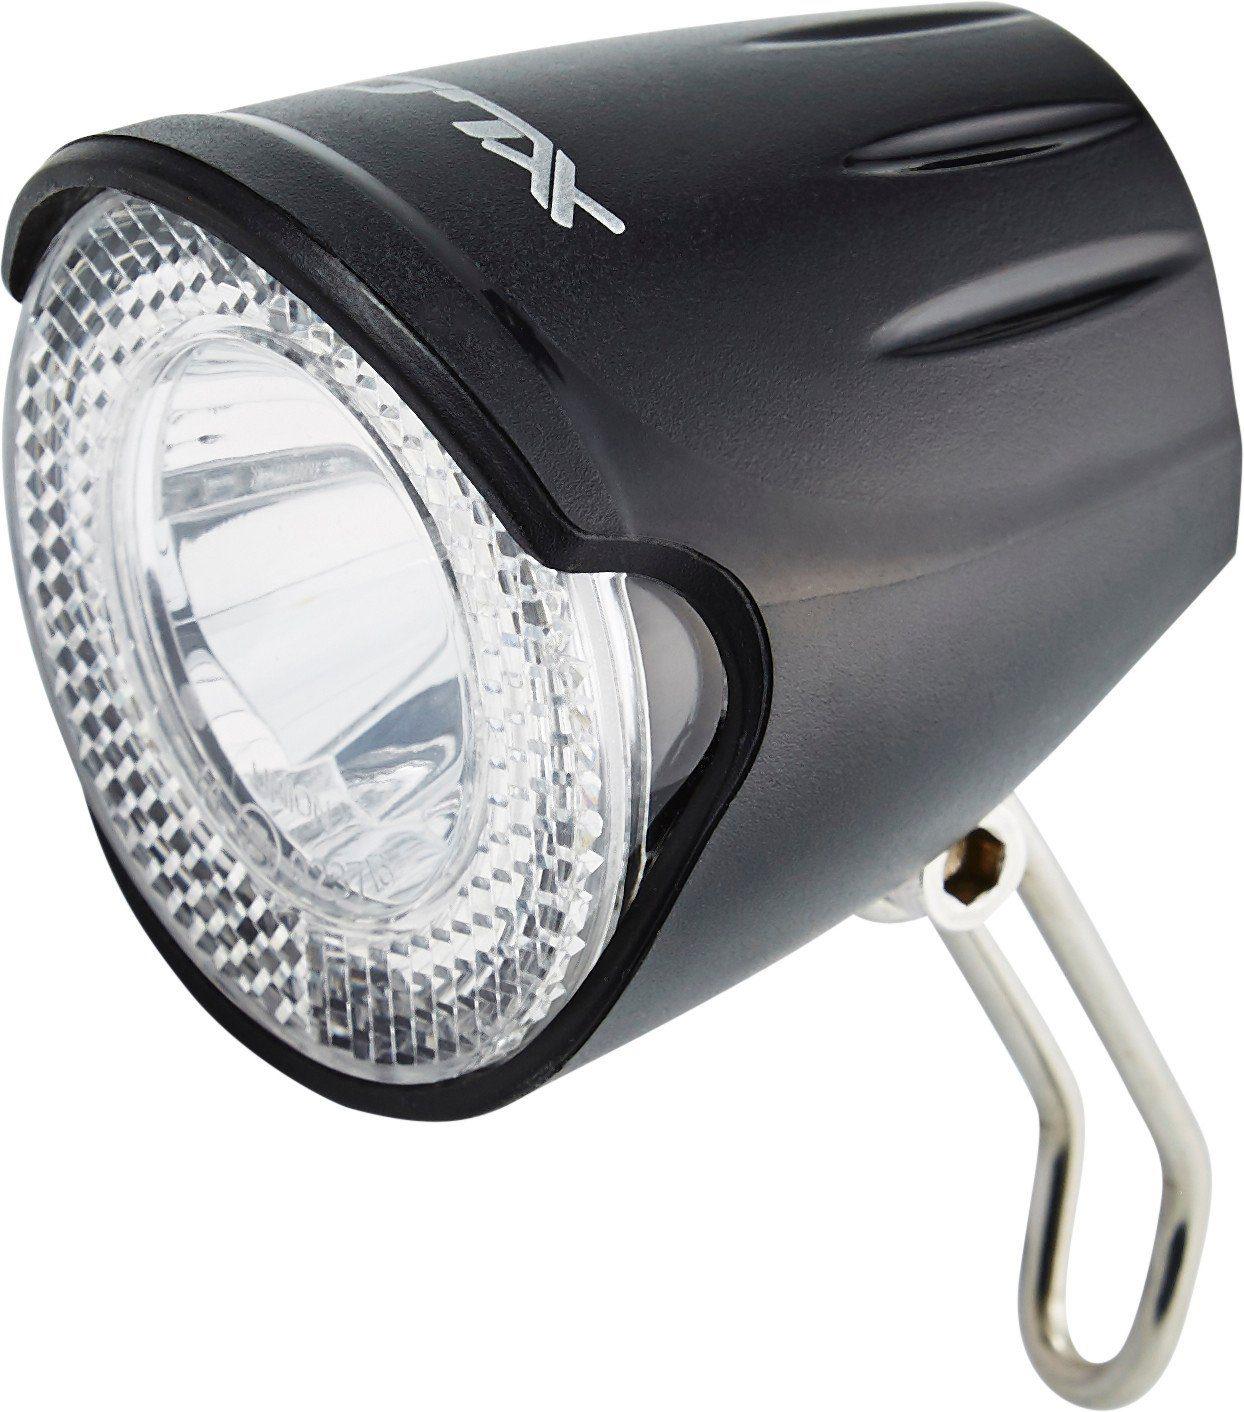 XLC Fahrradbeleuchtung »Scheinwerfer LED 20 Lux«